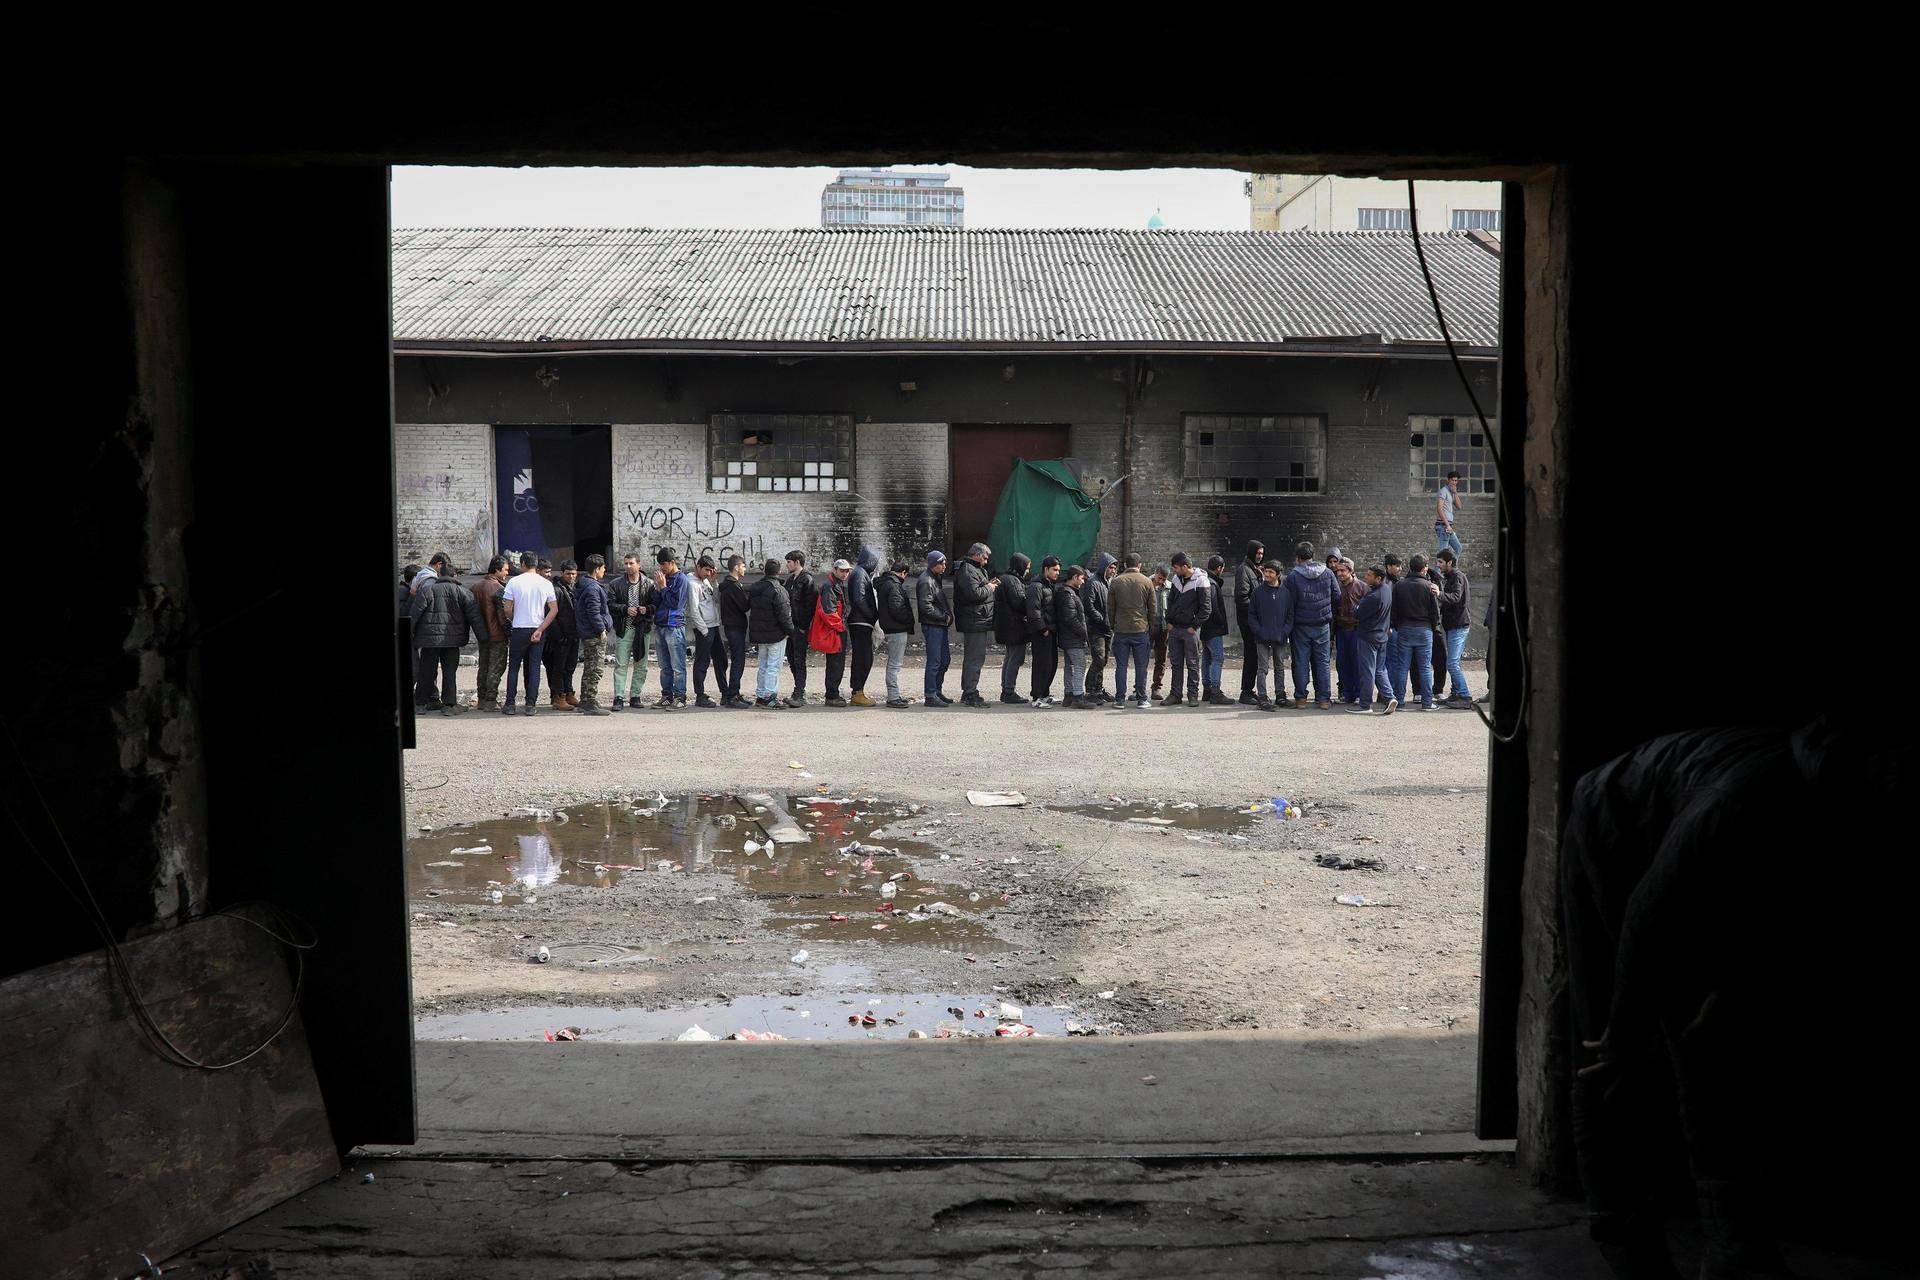 Serbiaan päätyneet siirtolaiset odottivat jonossa ruoka-apua varastoalueella Belgradissa torstaina.